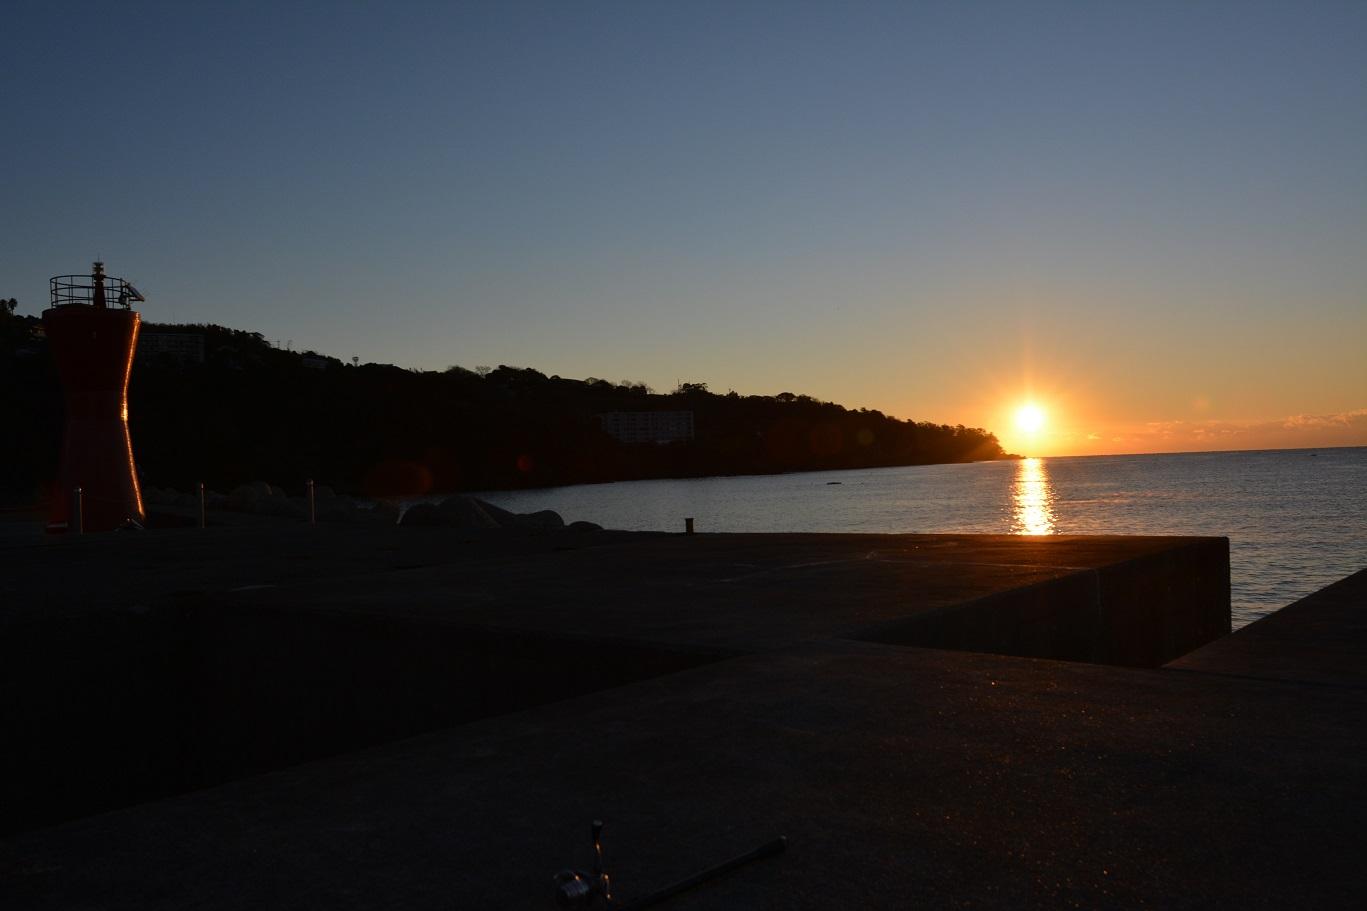 2015年12月29日 湯河原, 福浦港, 磯釣り